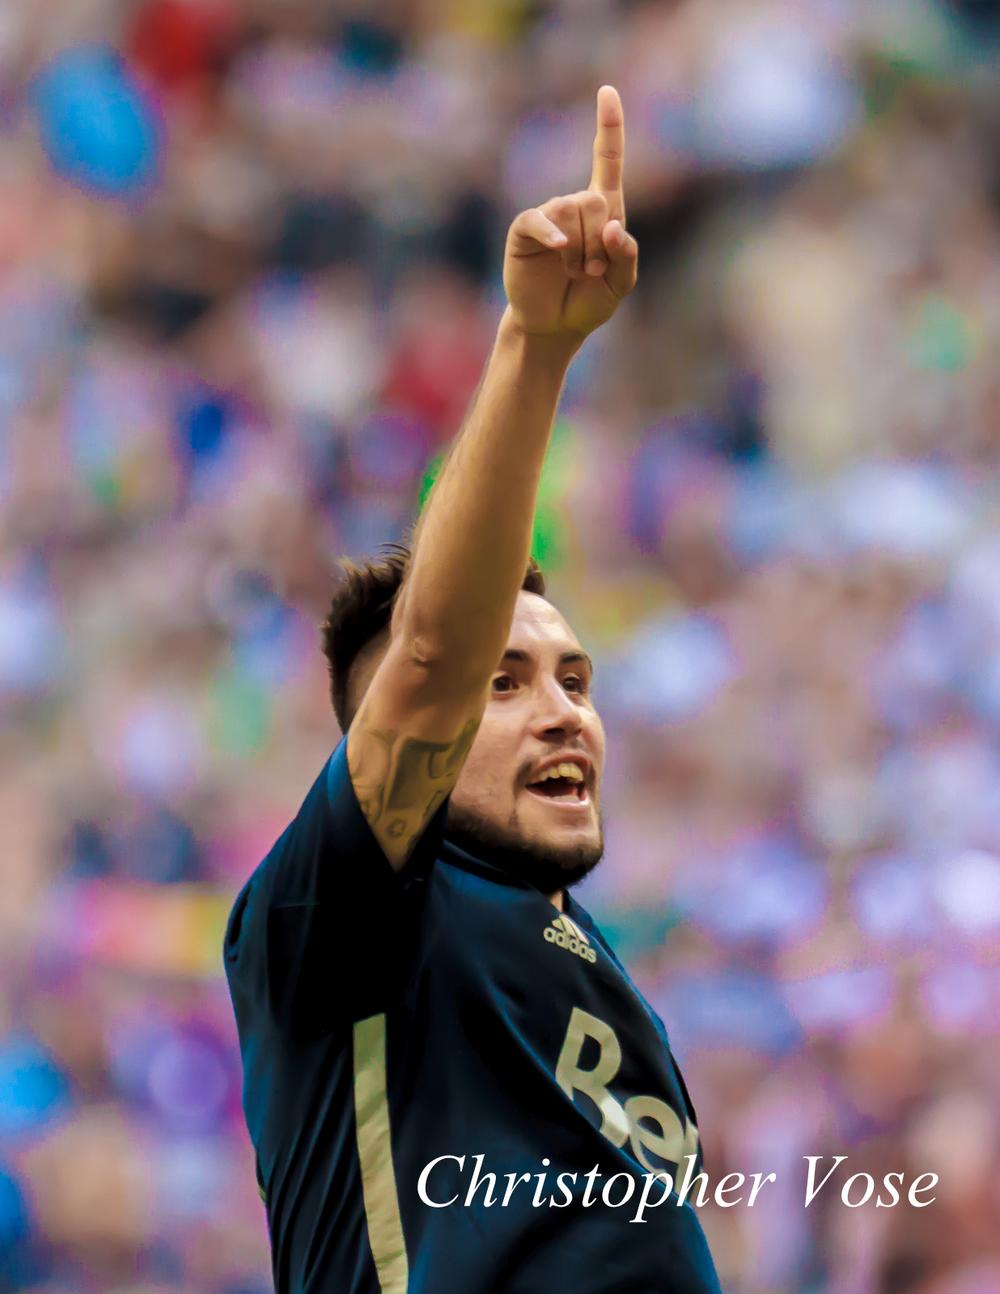 2014-07-27 Pedro Morales Goal Celebration 2.jpg